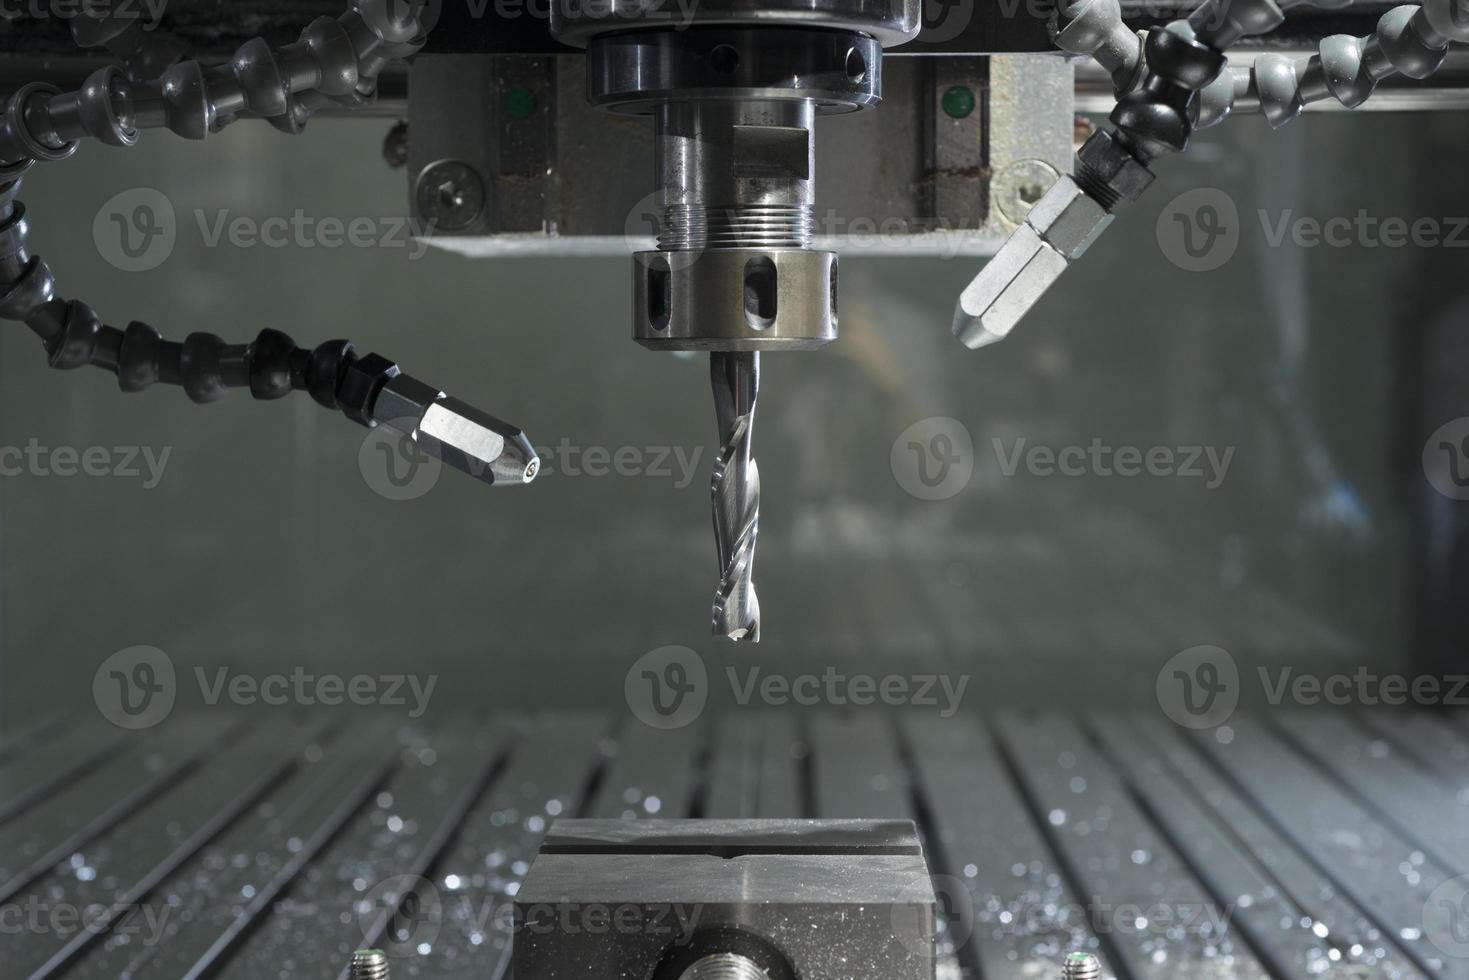 Industrielle CNC-Mühle Automatisierte Metallverarbeitungsmaschine foto